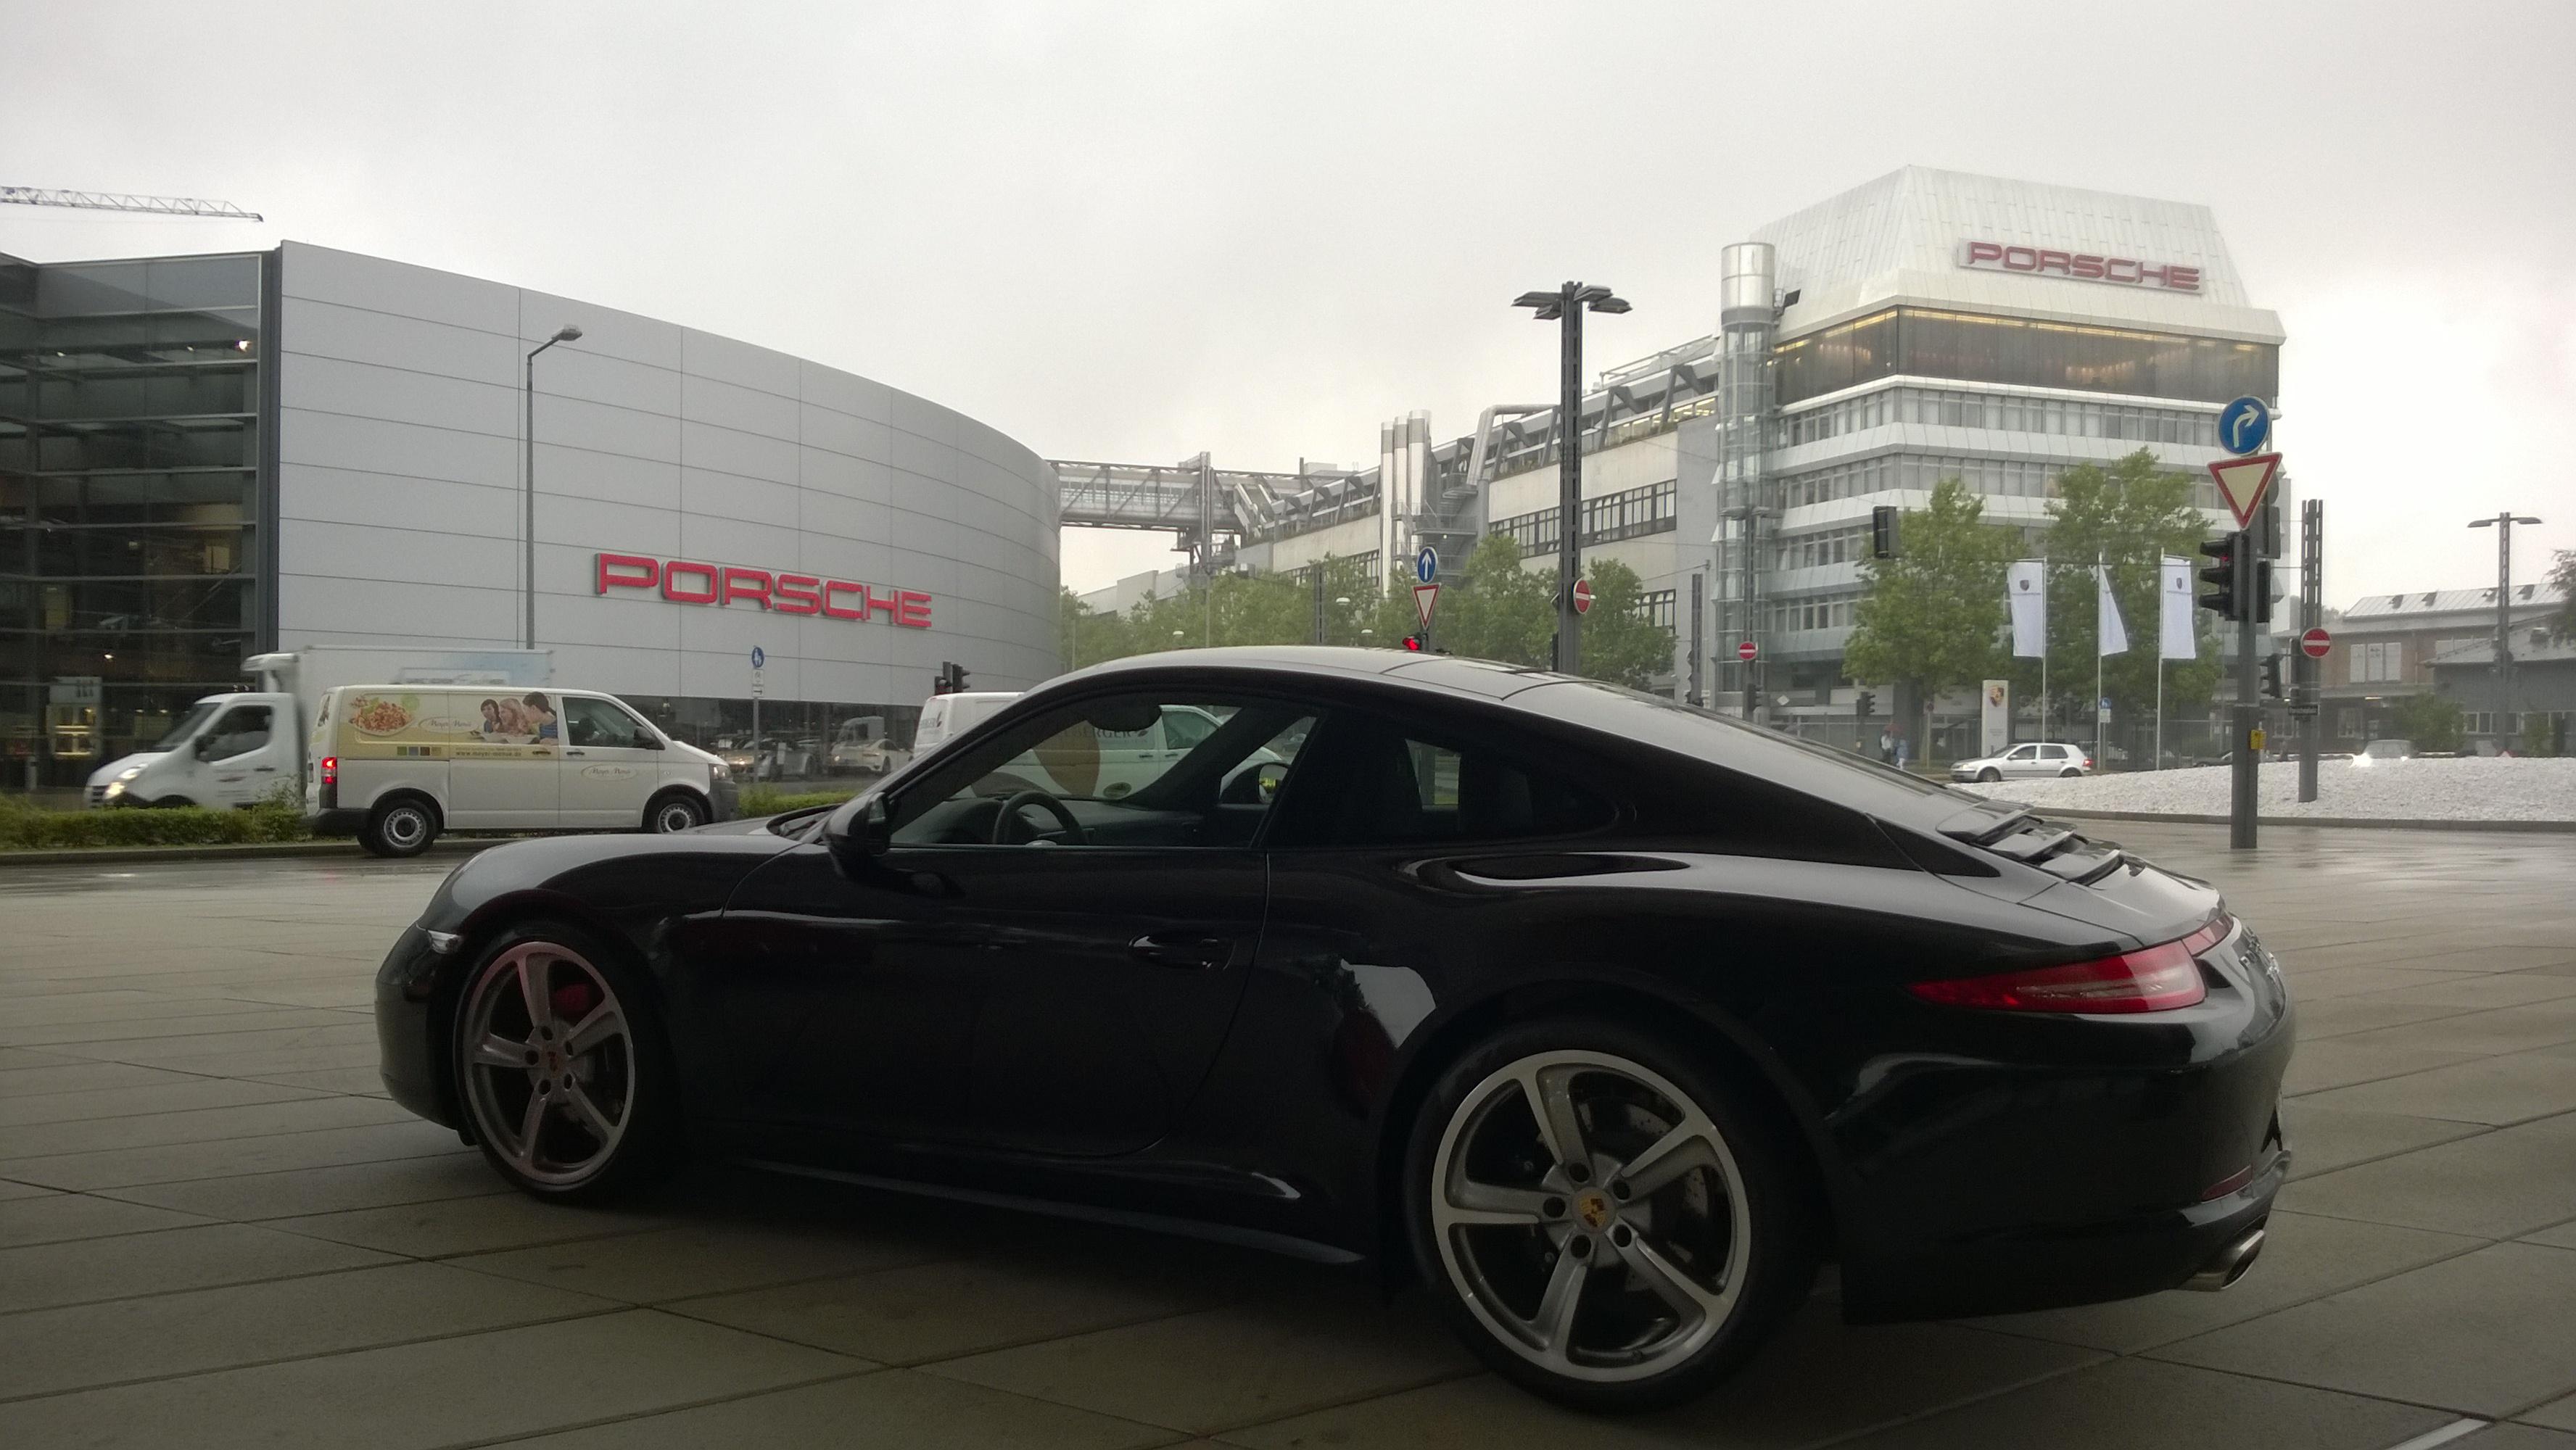 Porsche911%28991%29PorschePlatz Remarkable Porsche 911 Gt1 (996) Road Car Cars Trend